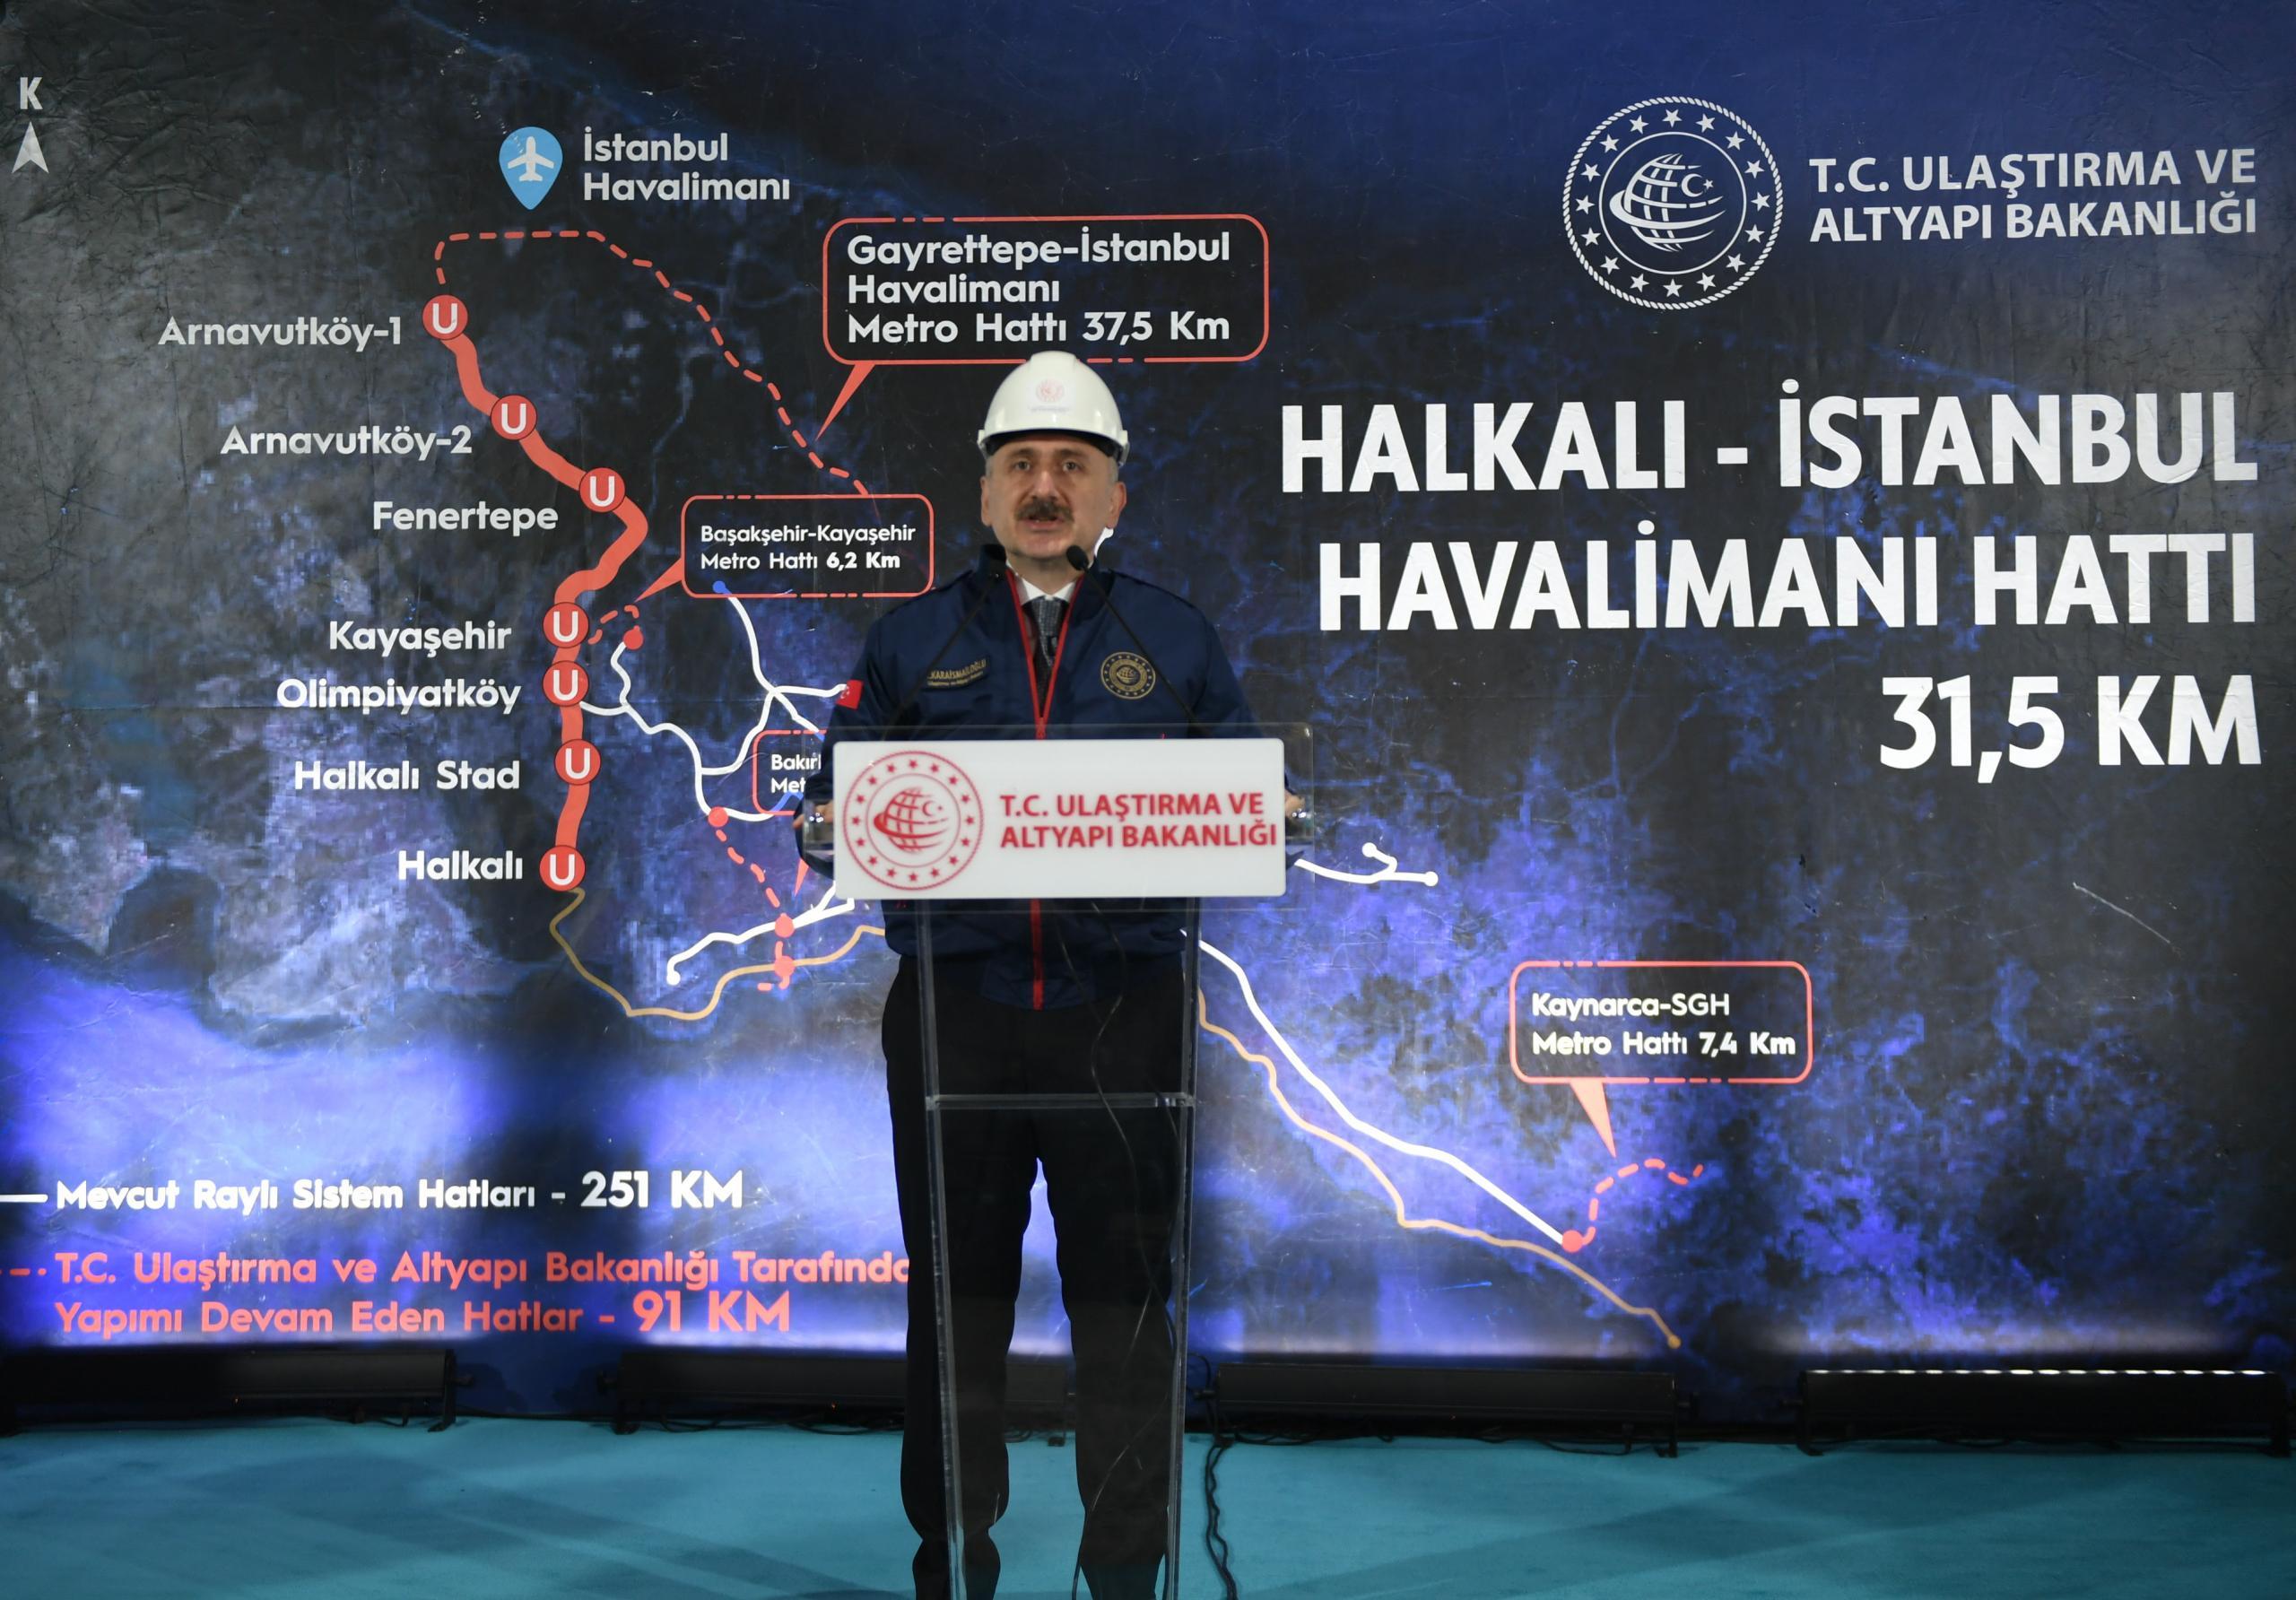 Halkalı-İstanbul Havalimanı Metro Hattı'nda kazıya başlandı